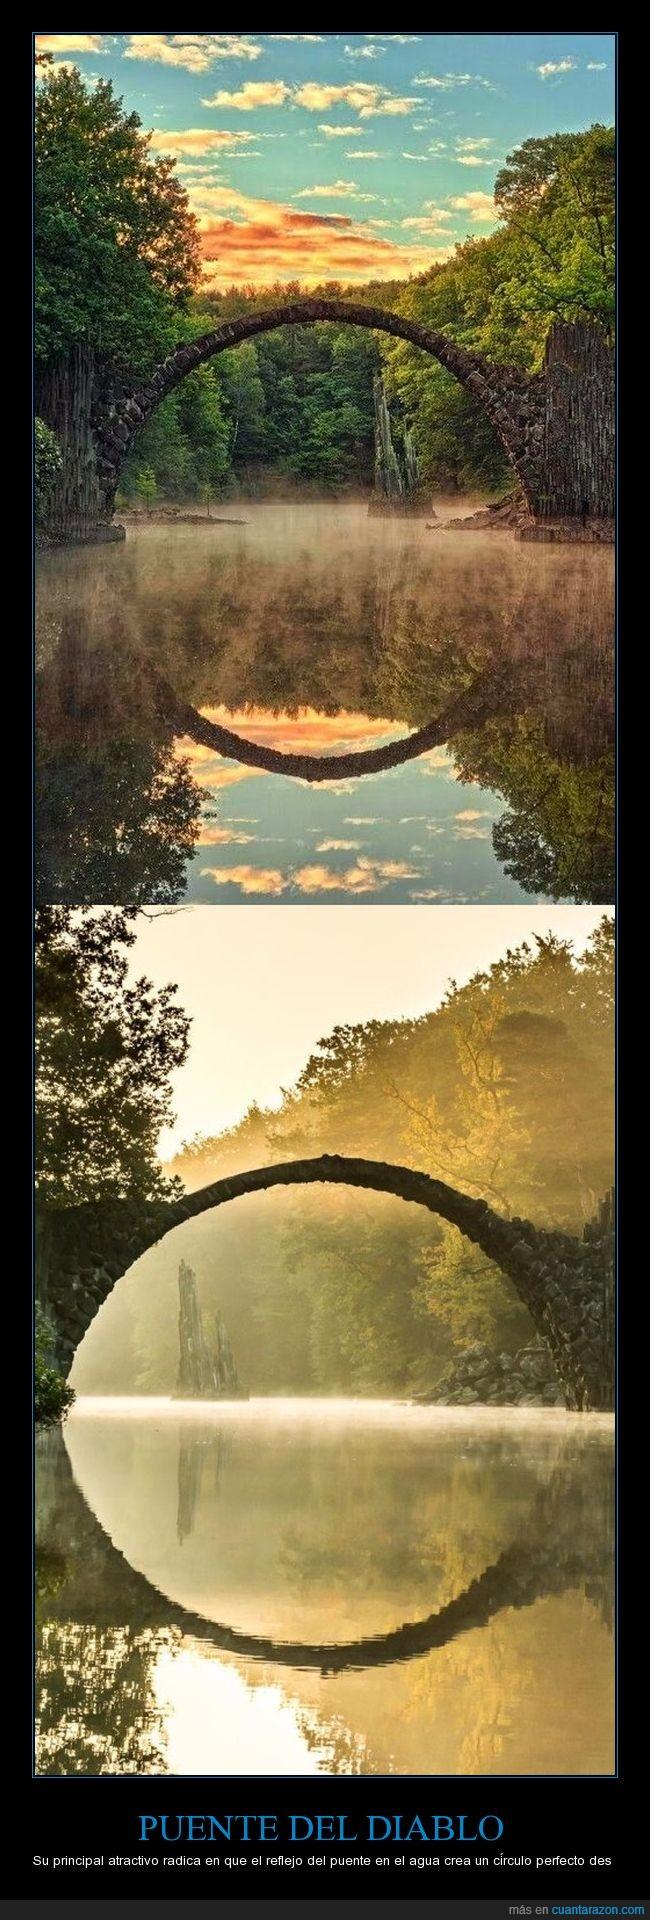 alemania,kromlau,puente del diablo